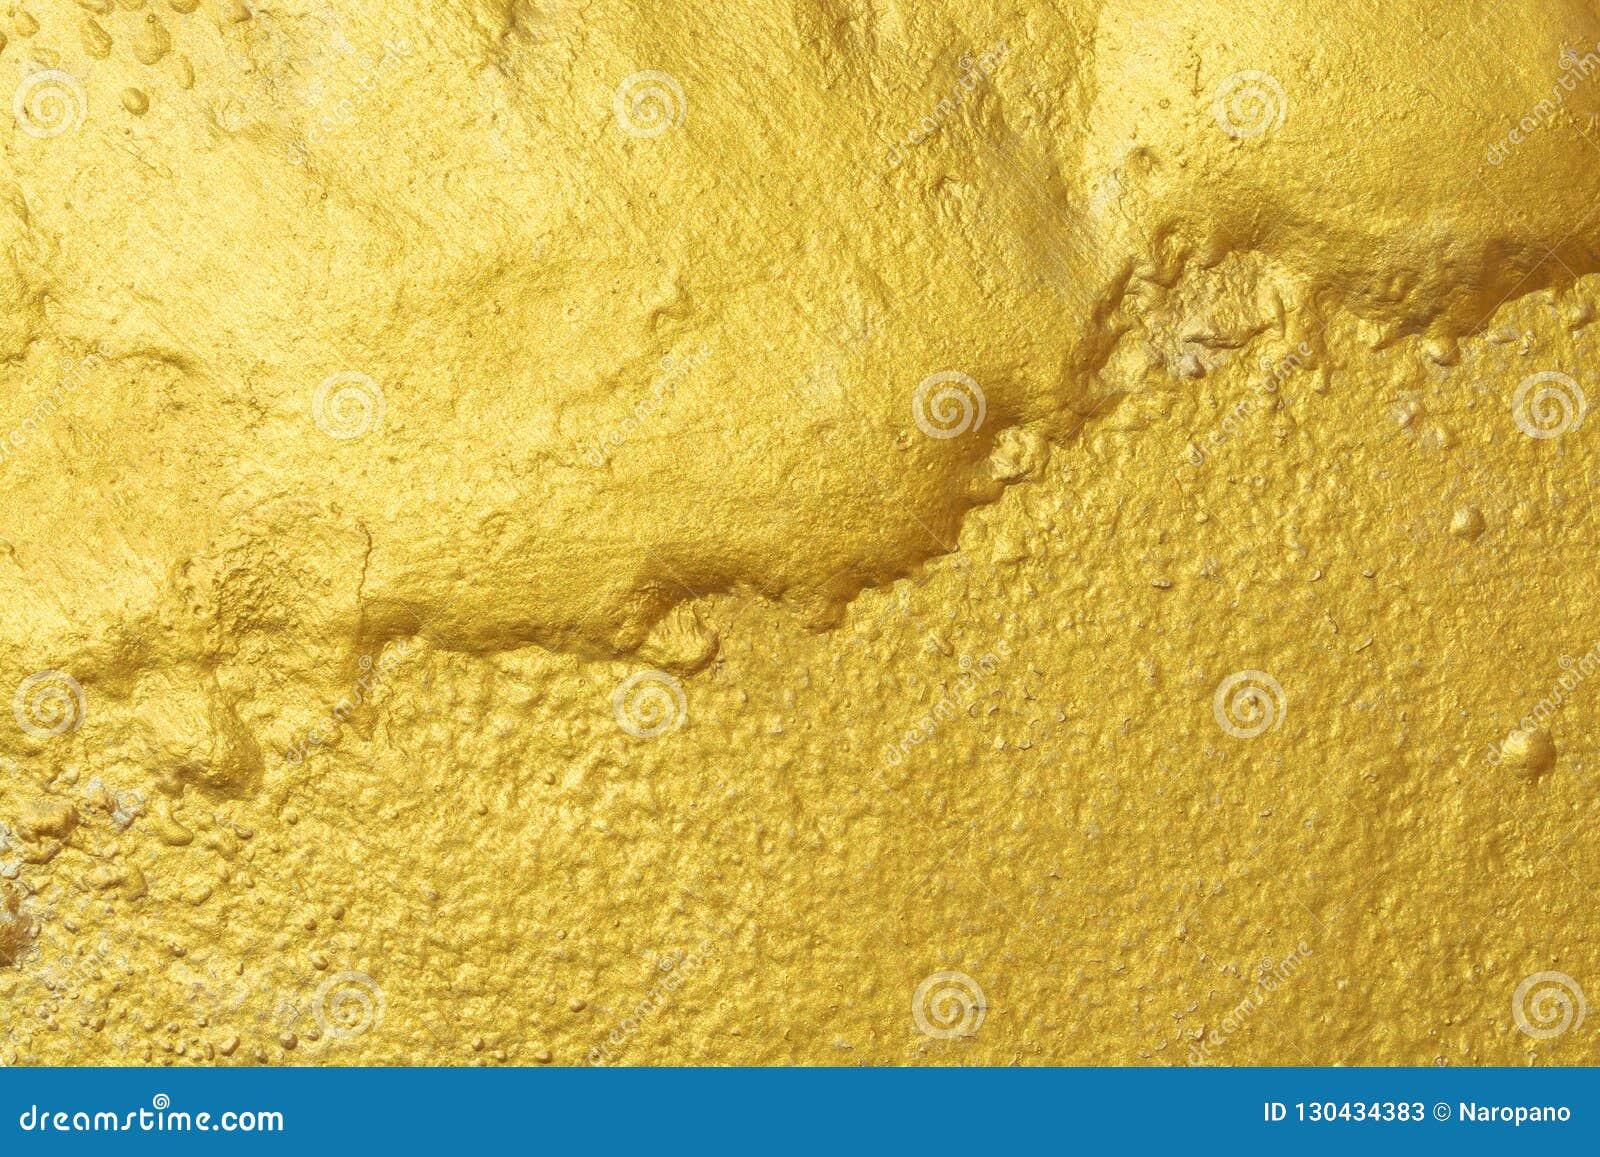 Gouden textuur abstracte spatie als achtergrond voor ontwerp